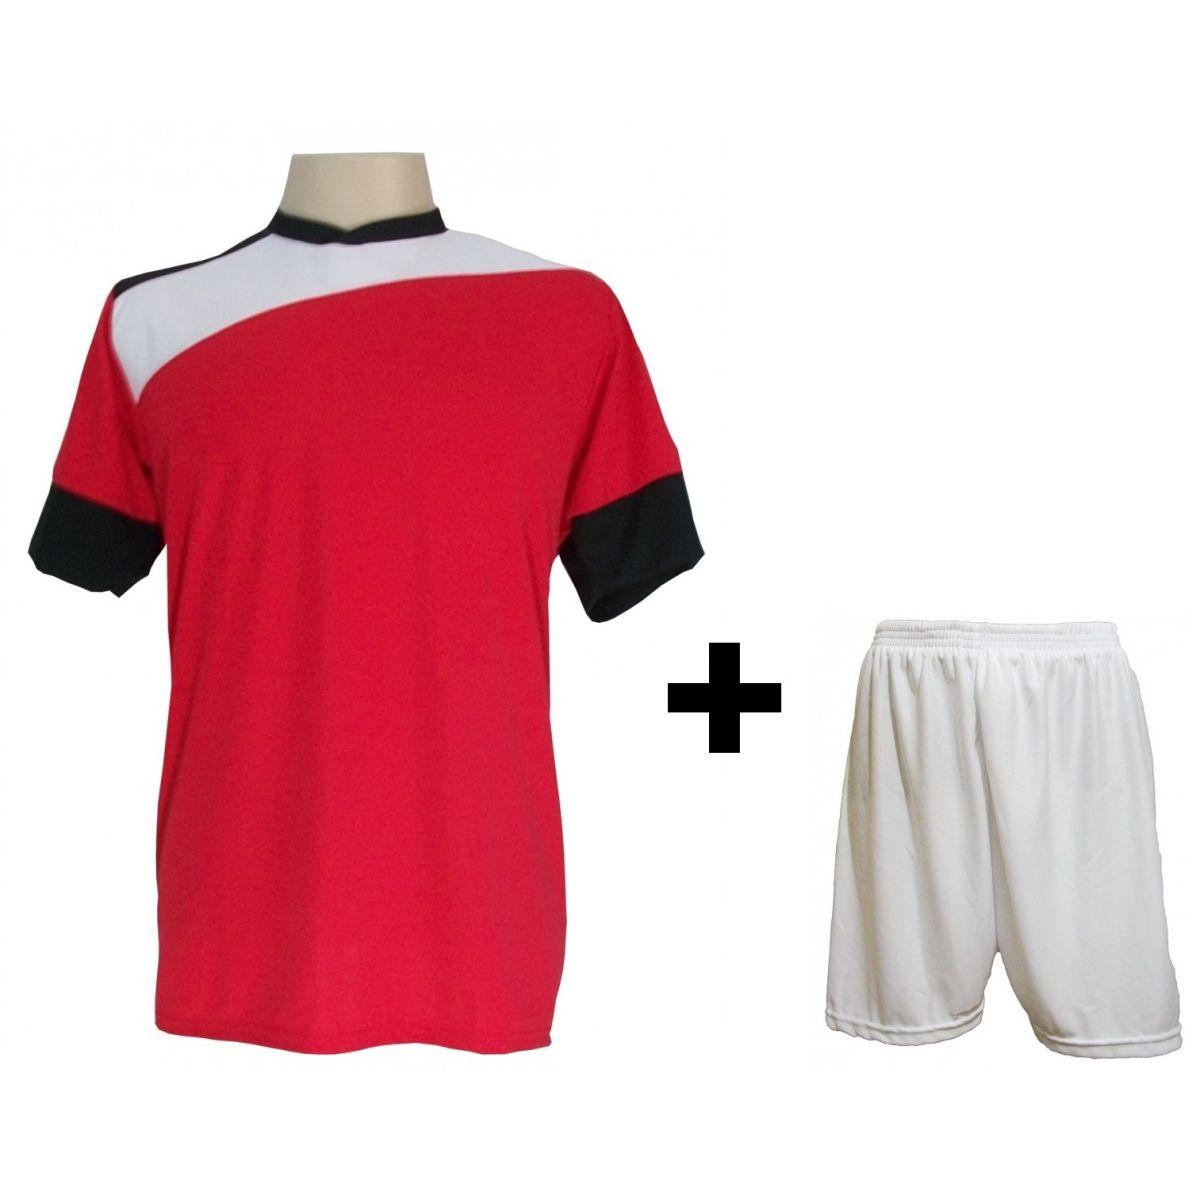 Uniforme Esportivo com 14 camisas modelo Sporting Vermelho/Branco/Preto + 14 calções modelo Madrid Branco + Brindes